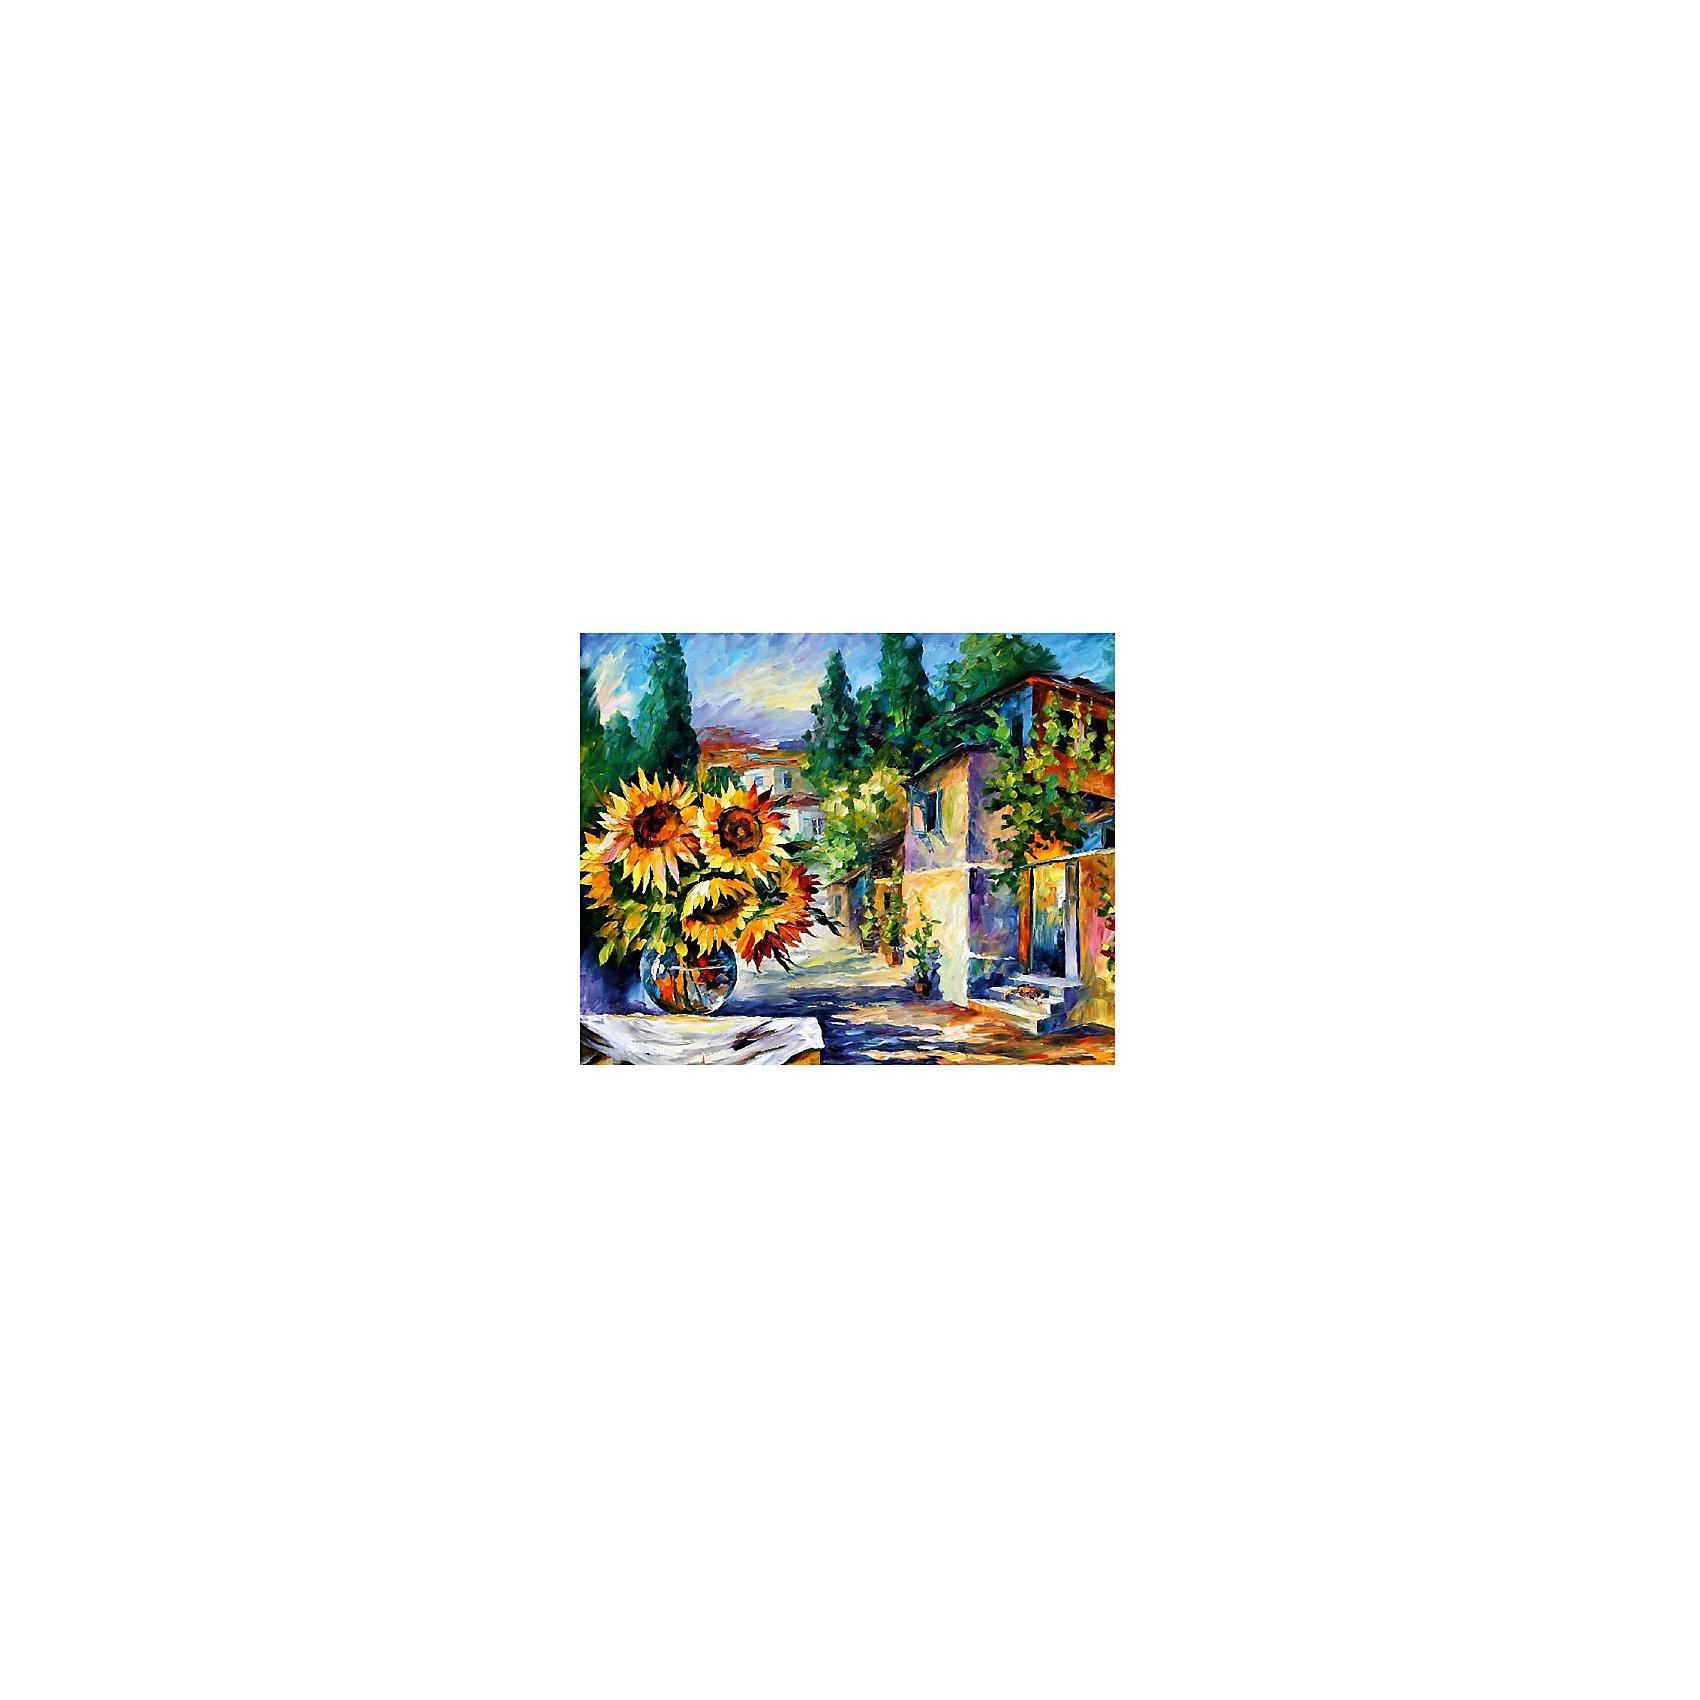 Картина по номерам Афремов: Полдень в Греции, 40*50 смРисование<br>Характеристики товара:<br><br>• материал упаковки: картон <br>• в комплект входит: холст, акриловые краски, 3 кисти<br>• количество красок: 25<br>• возраст: от 8 лет<br>• вес: 730 г<br>• размер картинки: 40х50 см<br>• габариты упаковки: 40х50х4 см<br>• страна производитель: Китай<br><br>Наборы для создания картин по номерам совсем недавно появились на рынке, но уже успели завоевать популярность. Закрашивая черно-белые места на картинке, ребенок получит полноценную картину и развитие художественного мастерства. Материалы, использованные при изготовлении товаров, проходят проверку на качество и соответствие международным требованиям по безопасности. <br><br>Картину по номерам Афремов: Полдень в Греции, 40*50 см можно купить в нашем интернет-магазине.<br><br>Ширина мм: 500<br>Глубина мм: 400<br>Высота мм: 40<br>Вес г: 730<br>Возраст от месяцев: 108<br>Возраст до месяцев: 2147483647<br>Пол: Унисекс<br>Возраст: Детский<br>SKU: 5417687